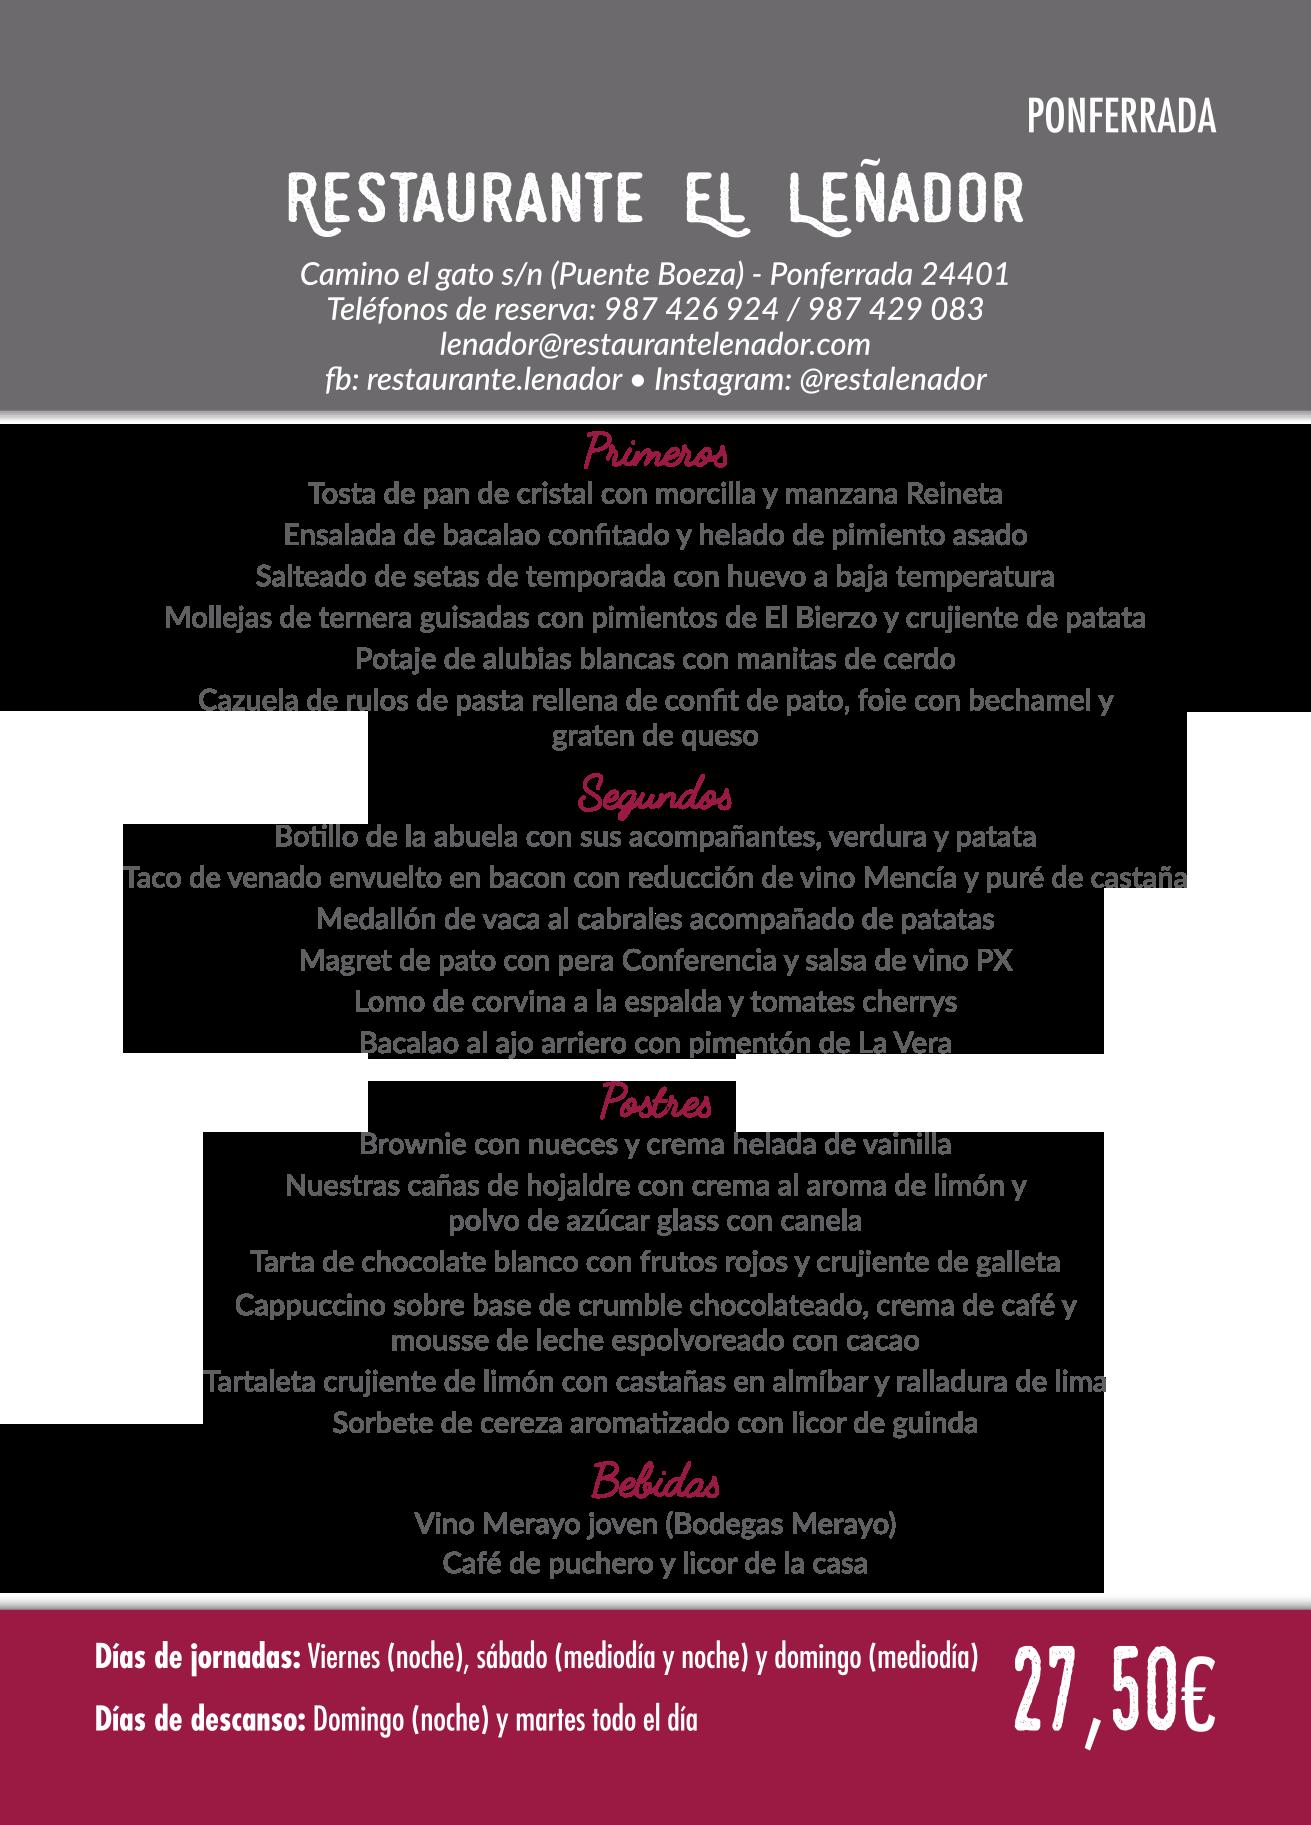 Las Jornadas Gastronómicas del Bierzo llegan a su 35 edición. Consulta los menús de esta edición 14